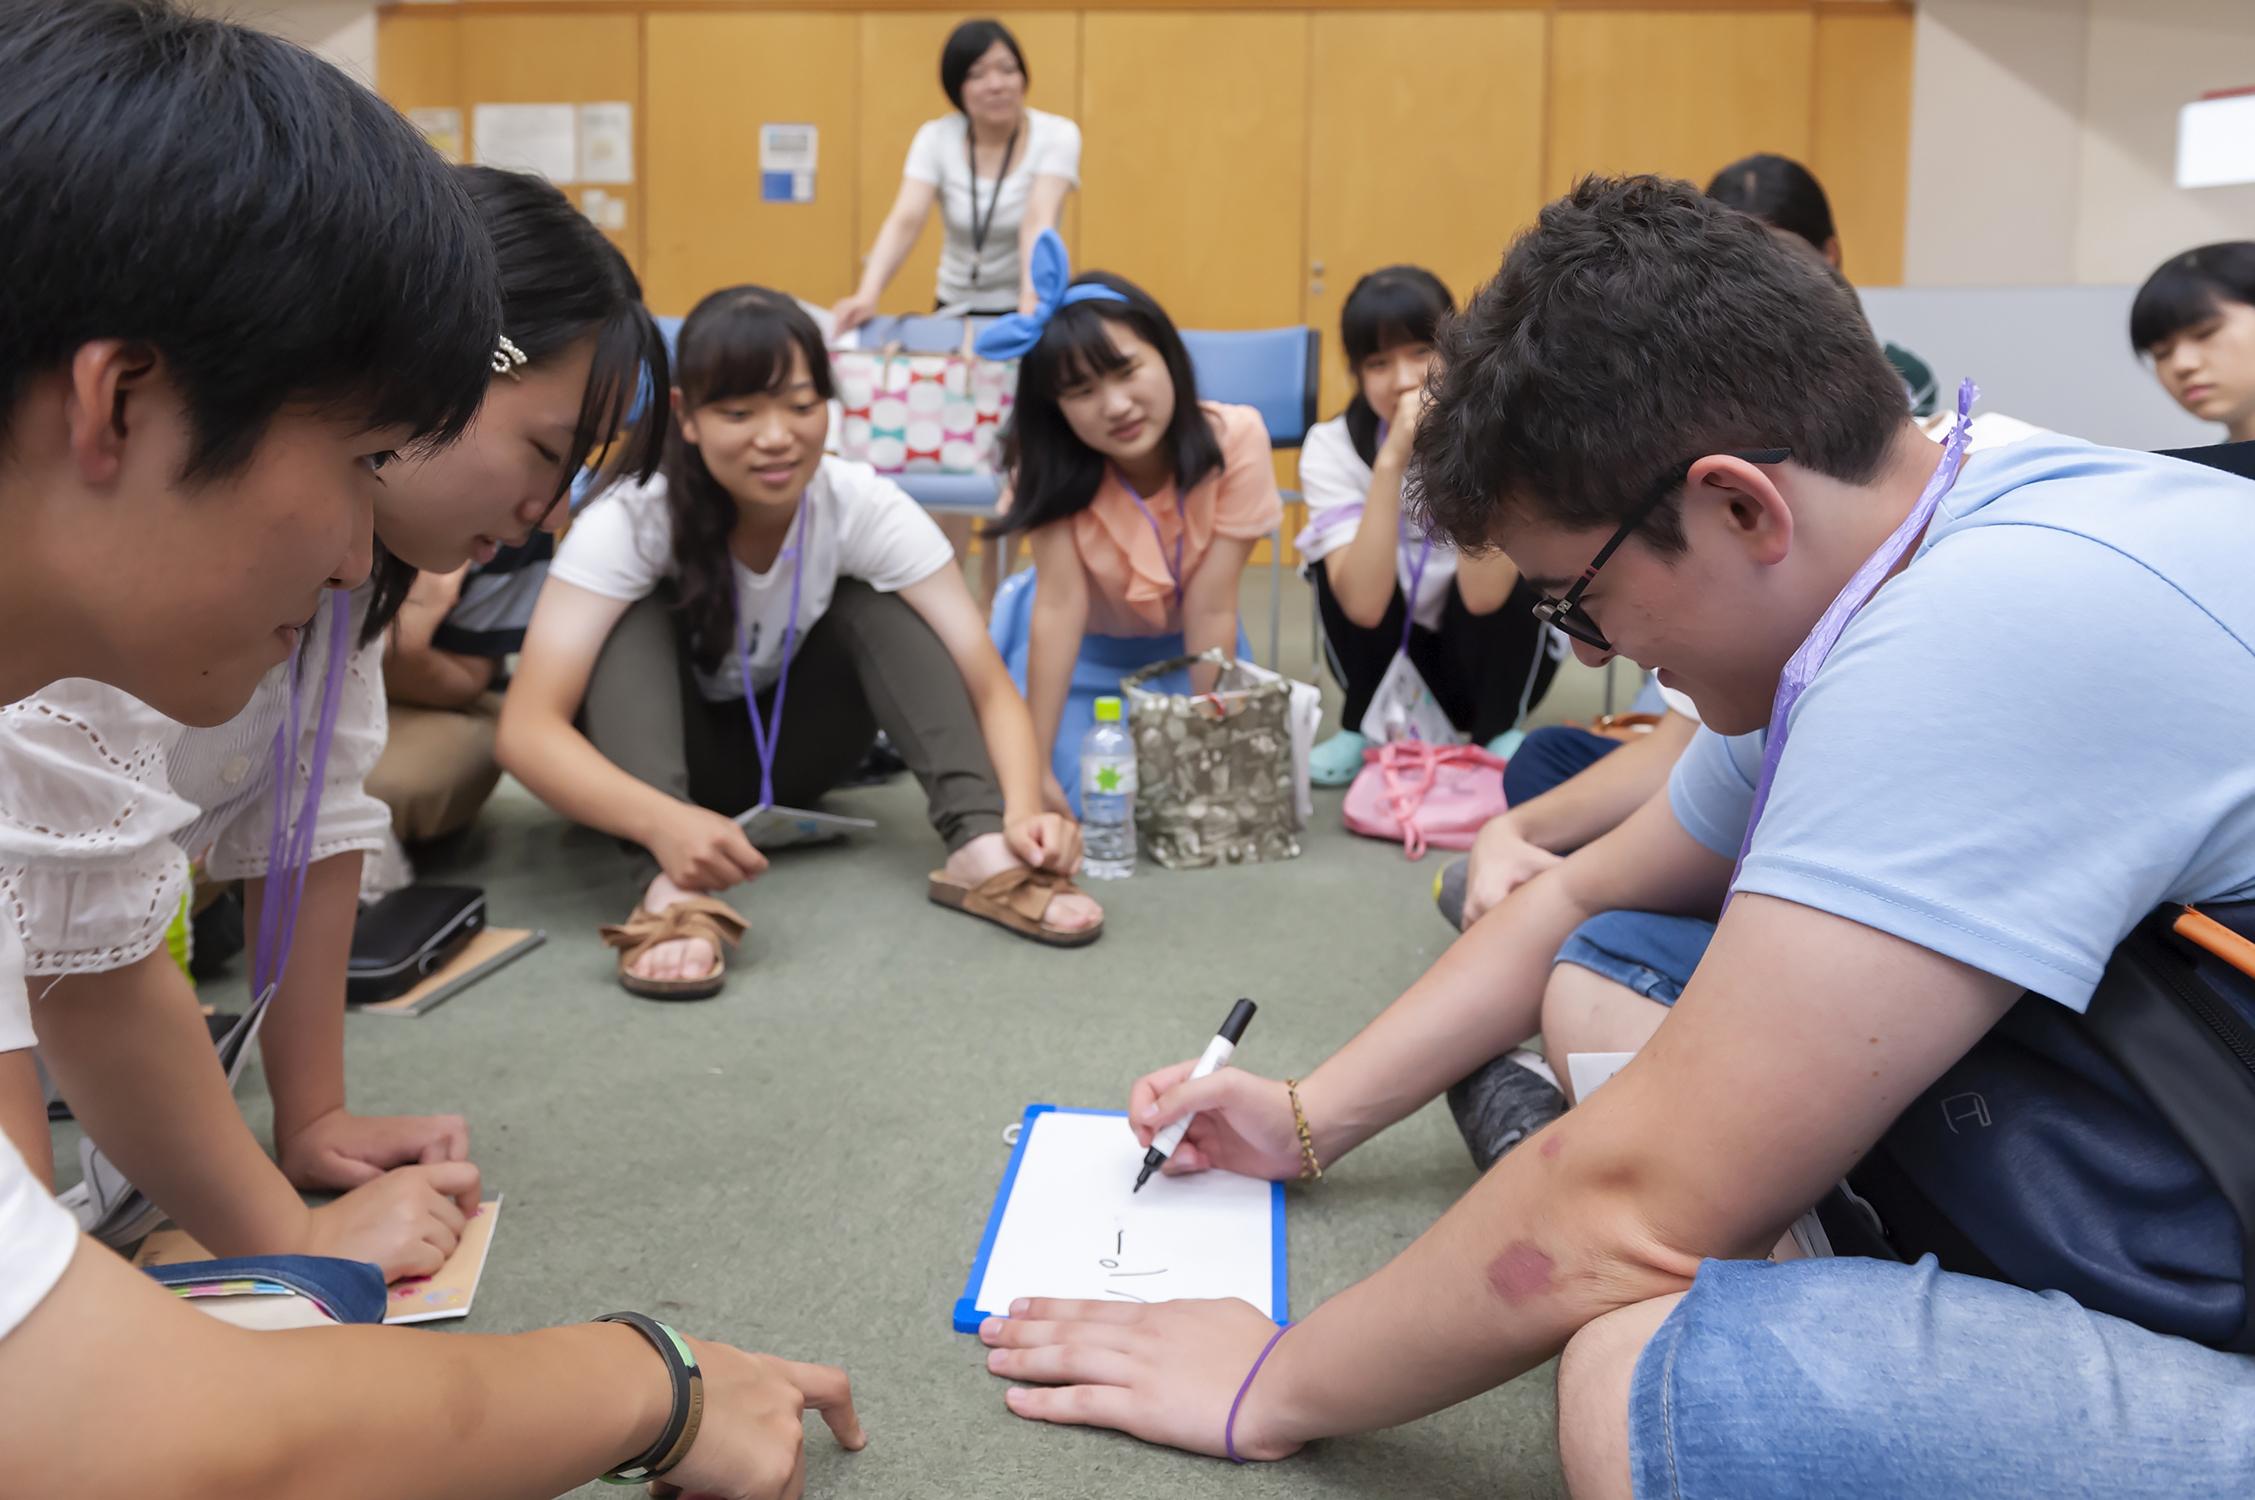 【春休み3日間】AFSソーシャル イノベーション キャンプ 日本の中高生×各国の高校留学生 in 東京